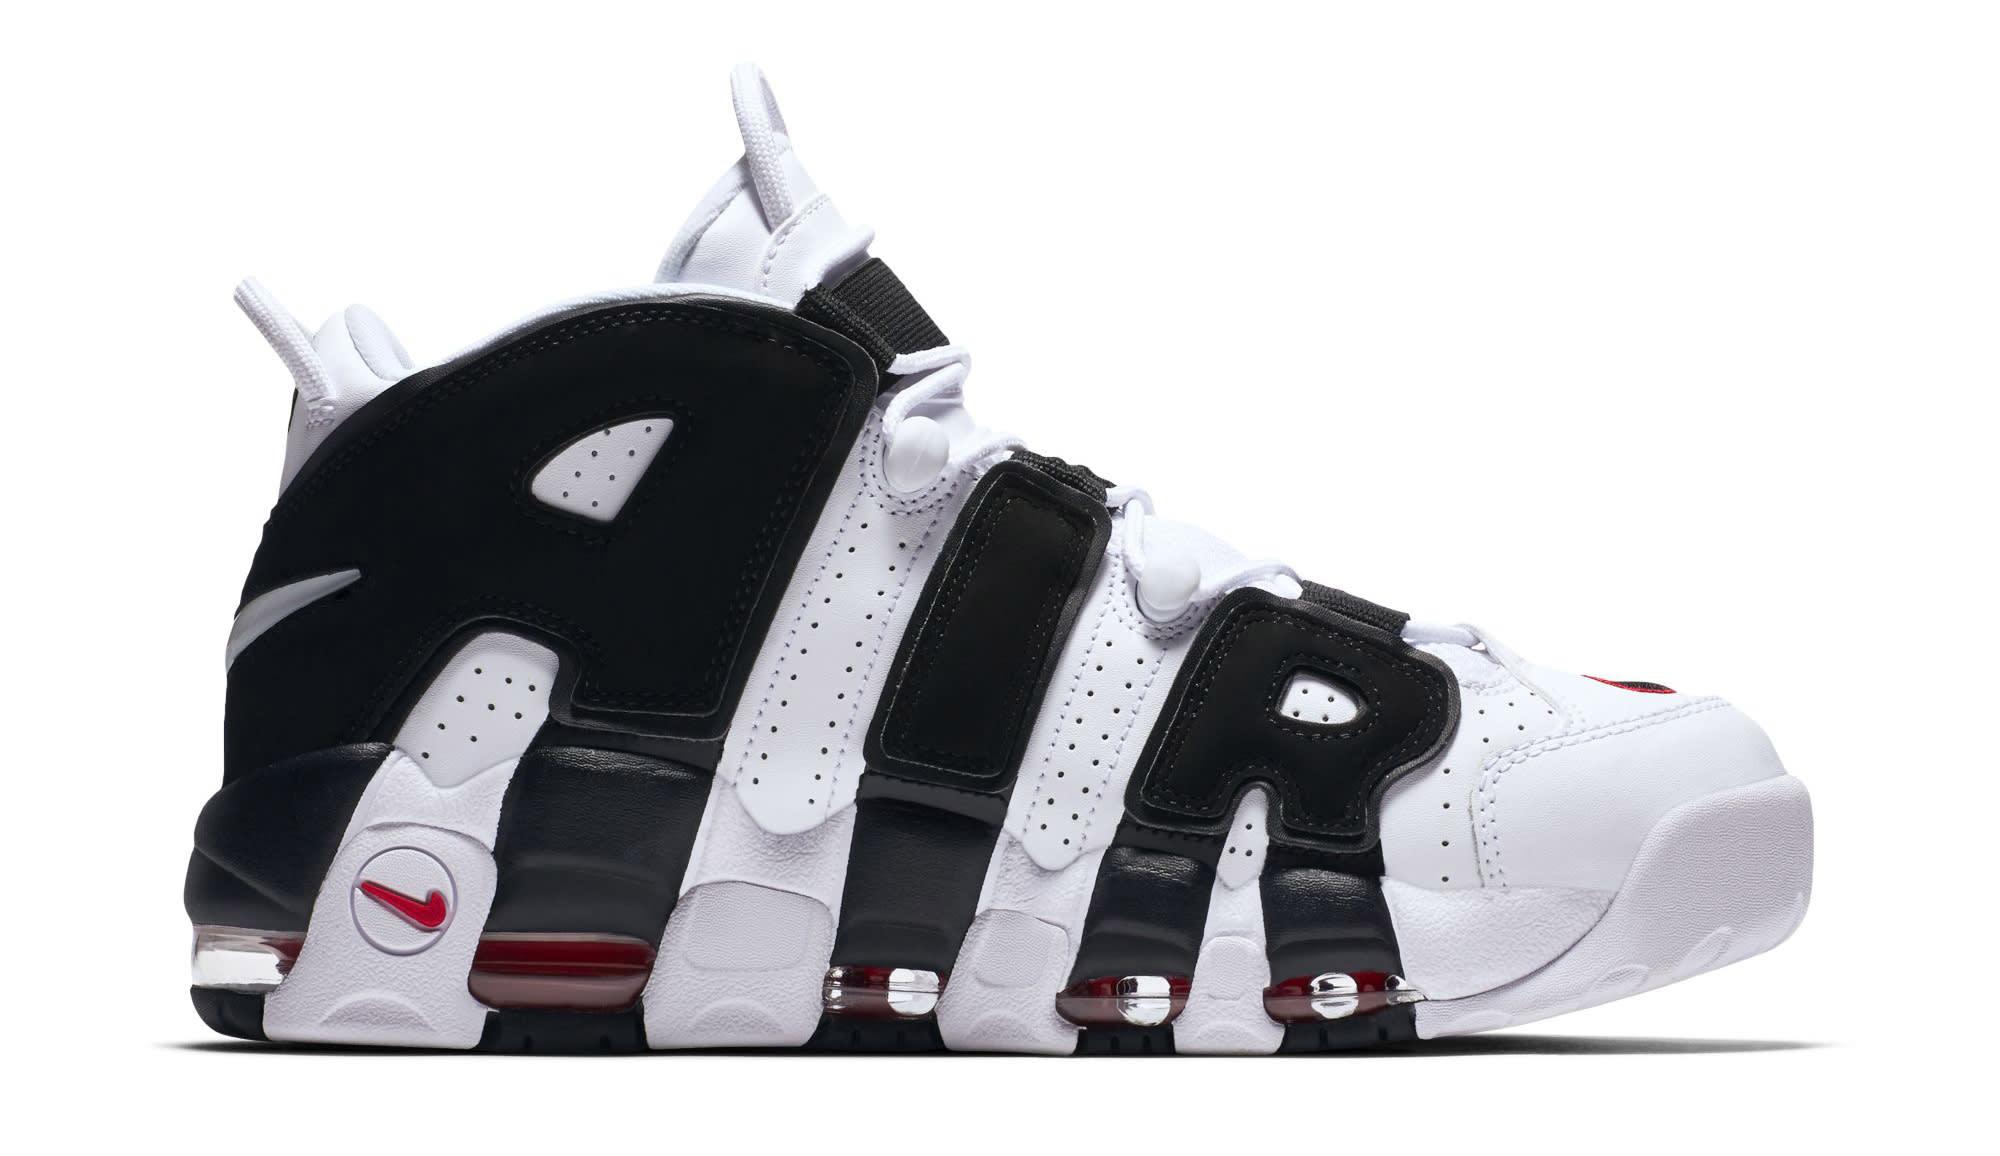 Nike Air More Uptempo White Black Varsity Red Medial